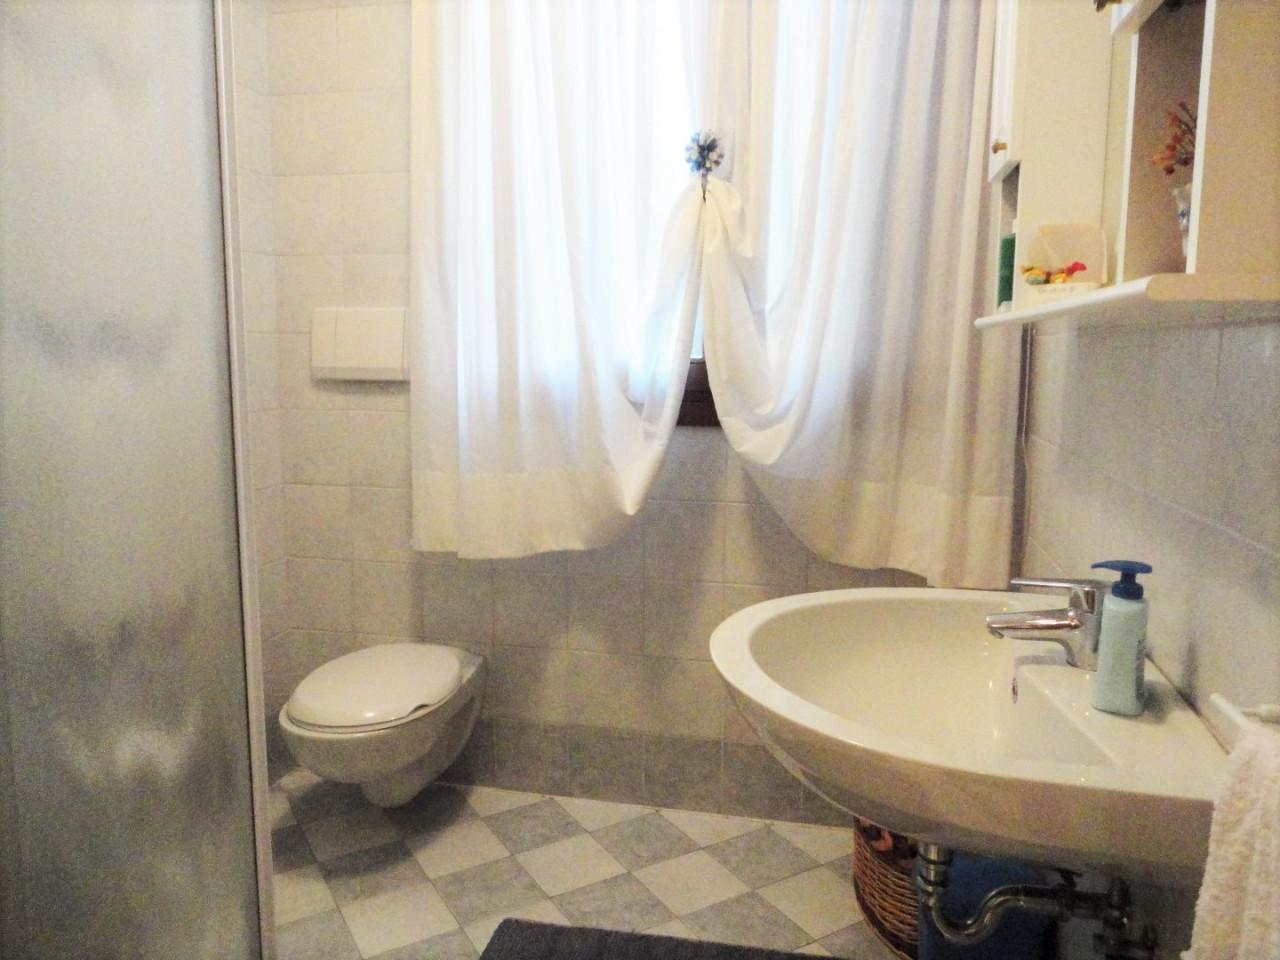 D303 Porzione di bifamiliare in vendita  in centro ad Abano Terme https://media.gestionaleimmobiliare.it/foto/annunci/200615/2255776/1280x1280/008__09_bagno_pt.jpg